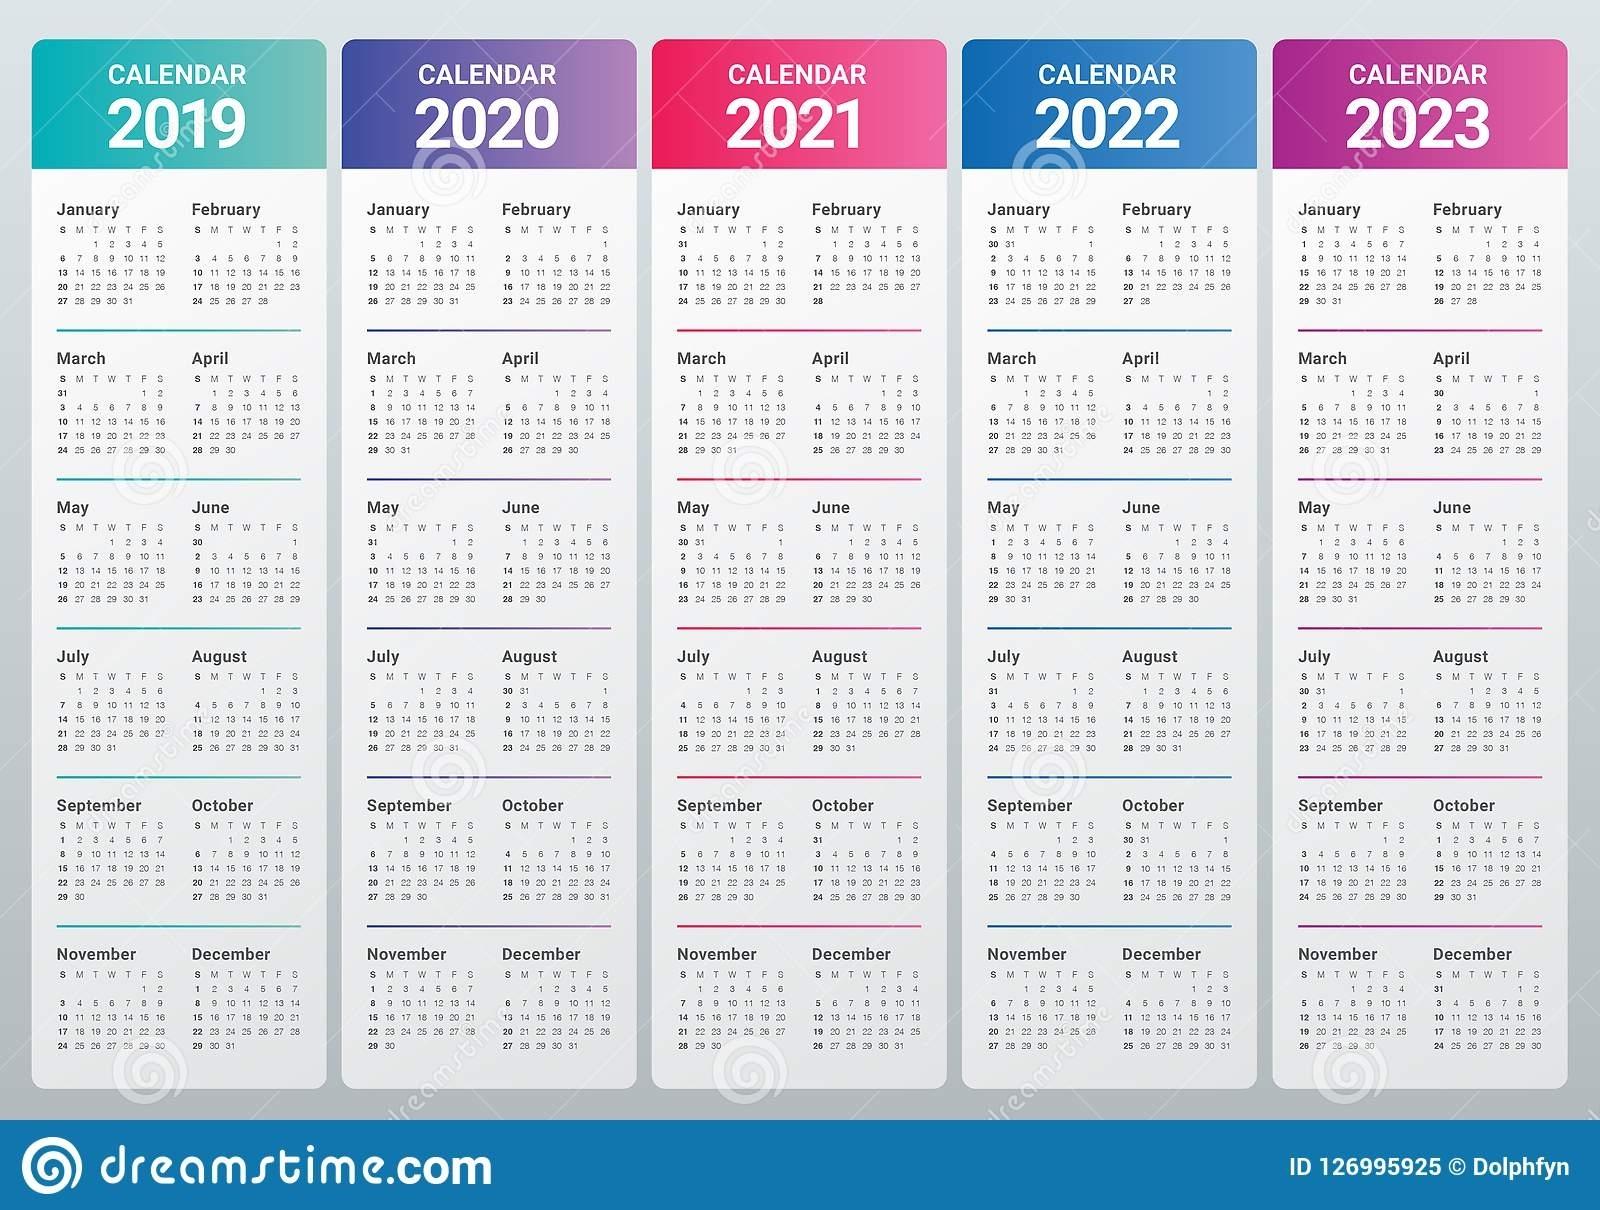 Year 2019 2020 2021 2022 2023 Calendar Vector Design with regard to 2020 2021 2022 2023 Calendar